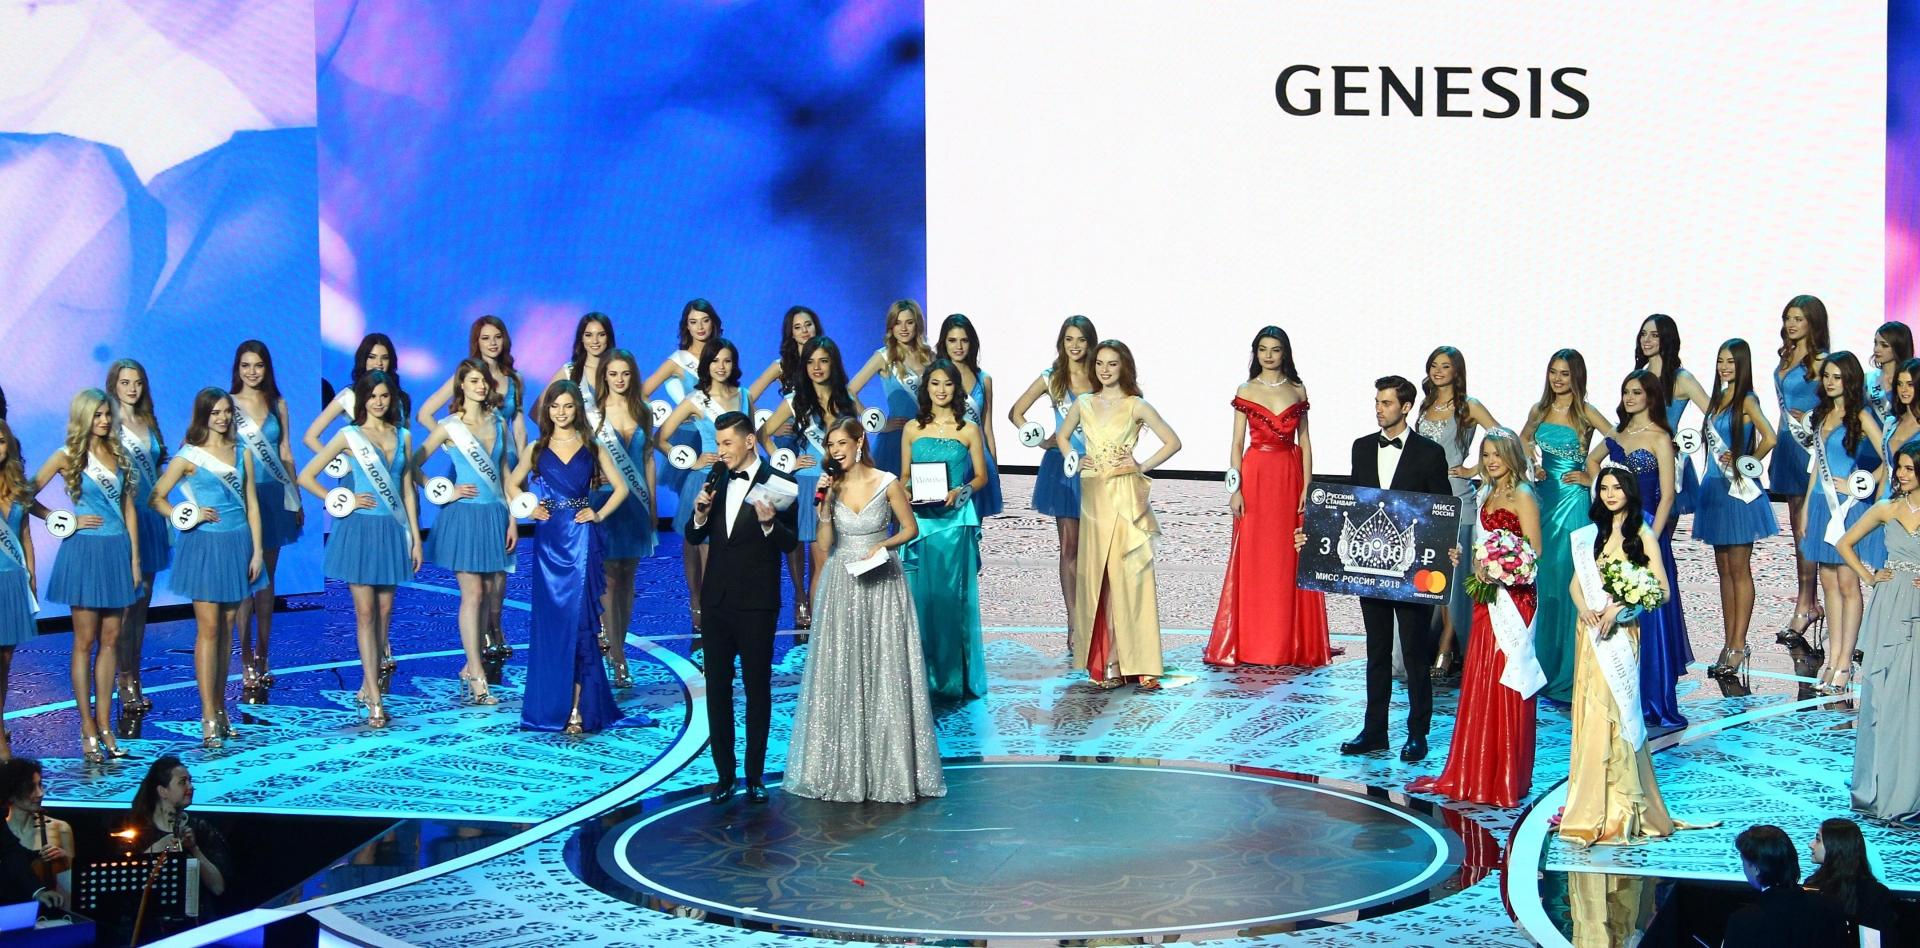 Фото genesis во второй раз выступил официальным партнером конкурса «мисс россия»